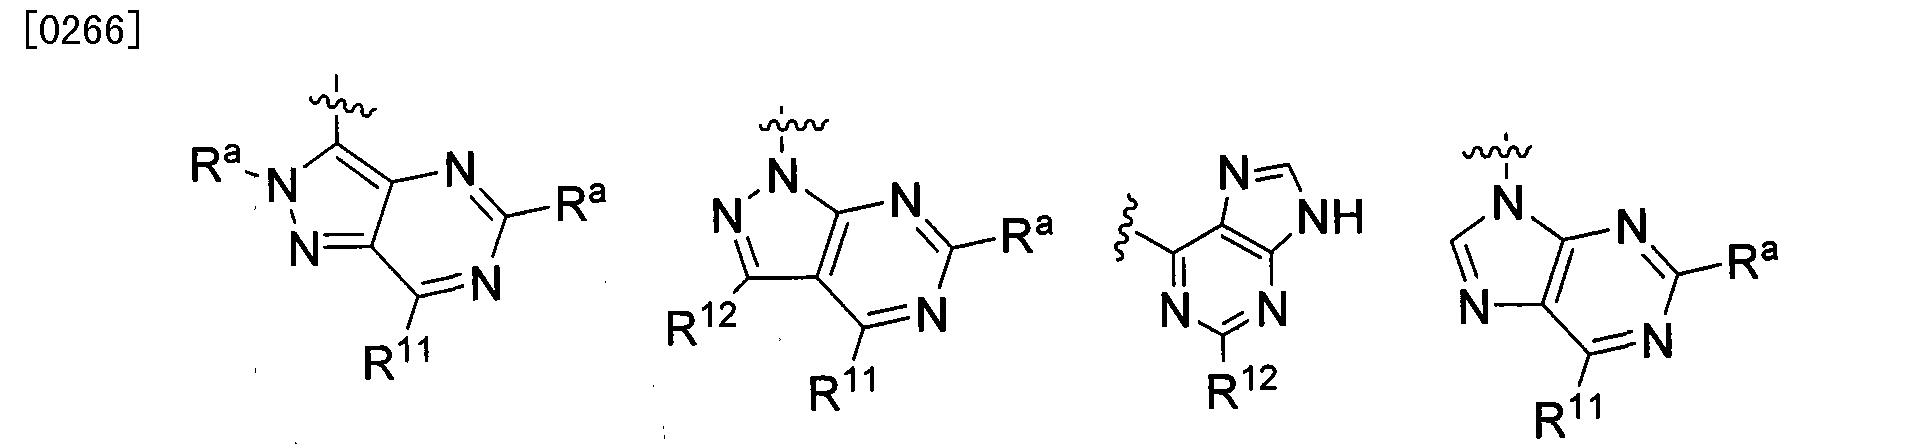 Figure CN101965335BD00345